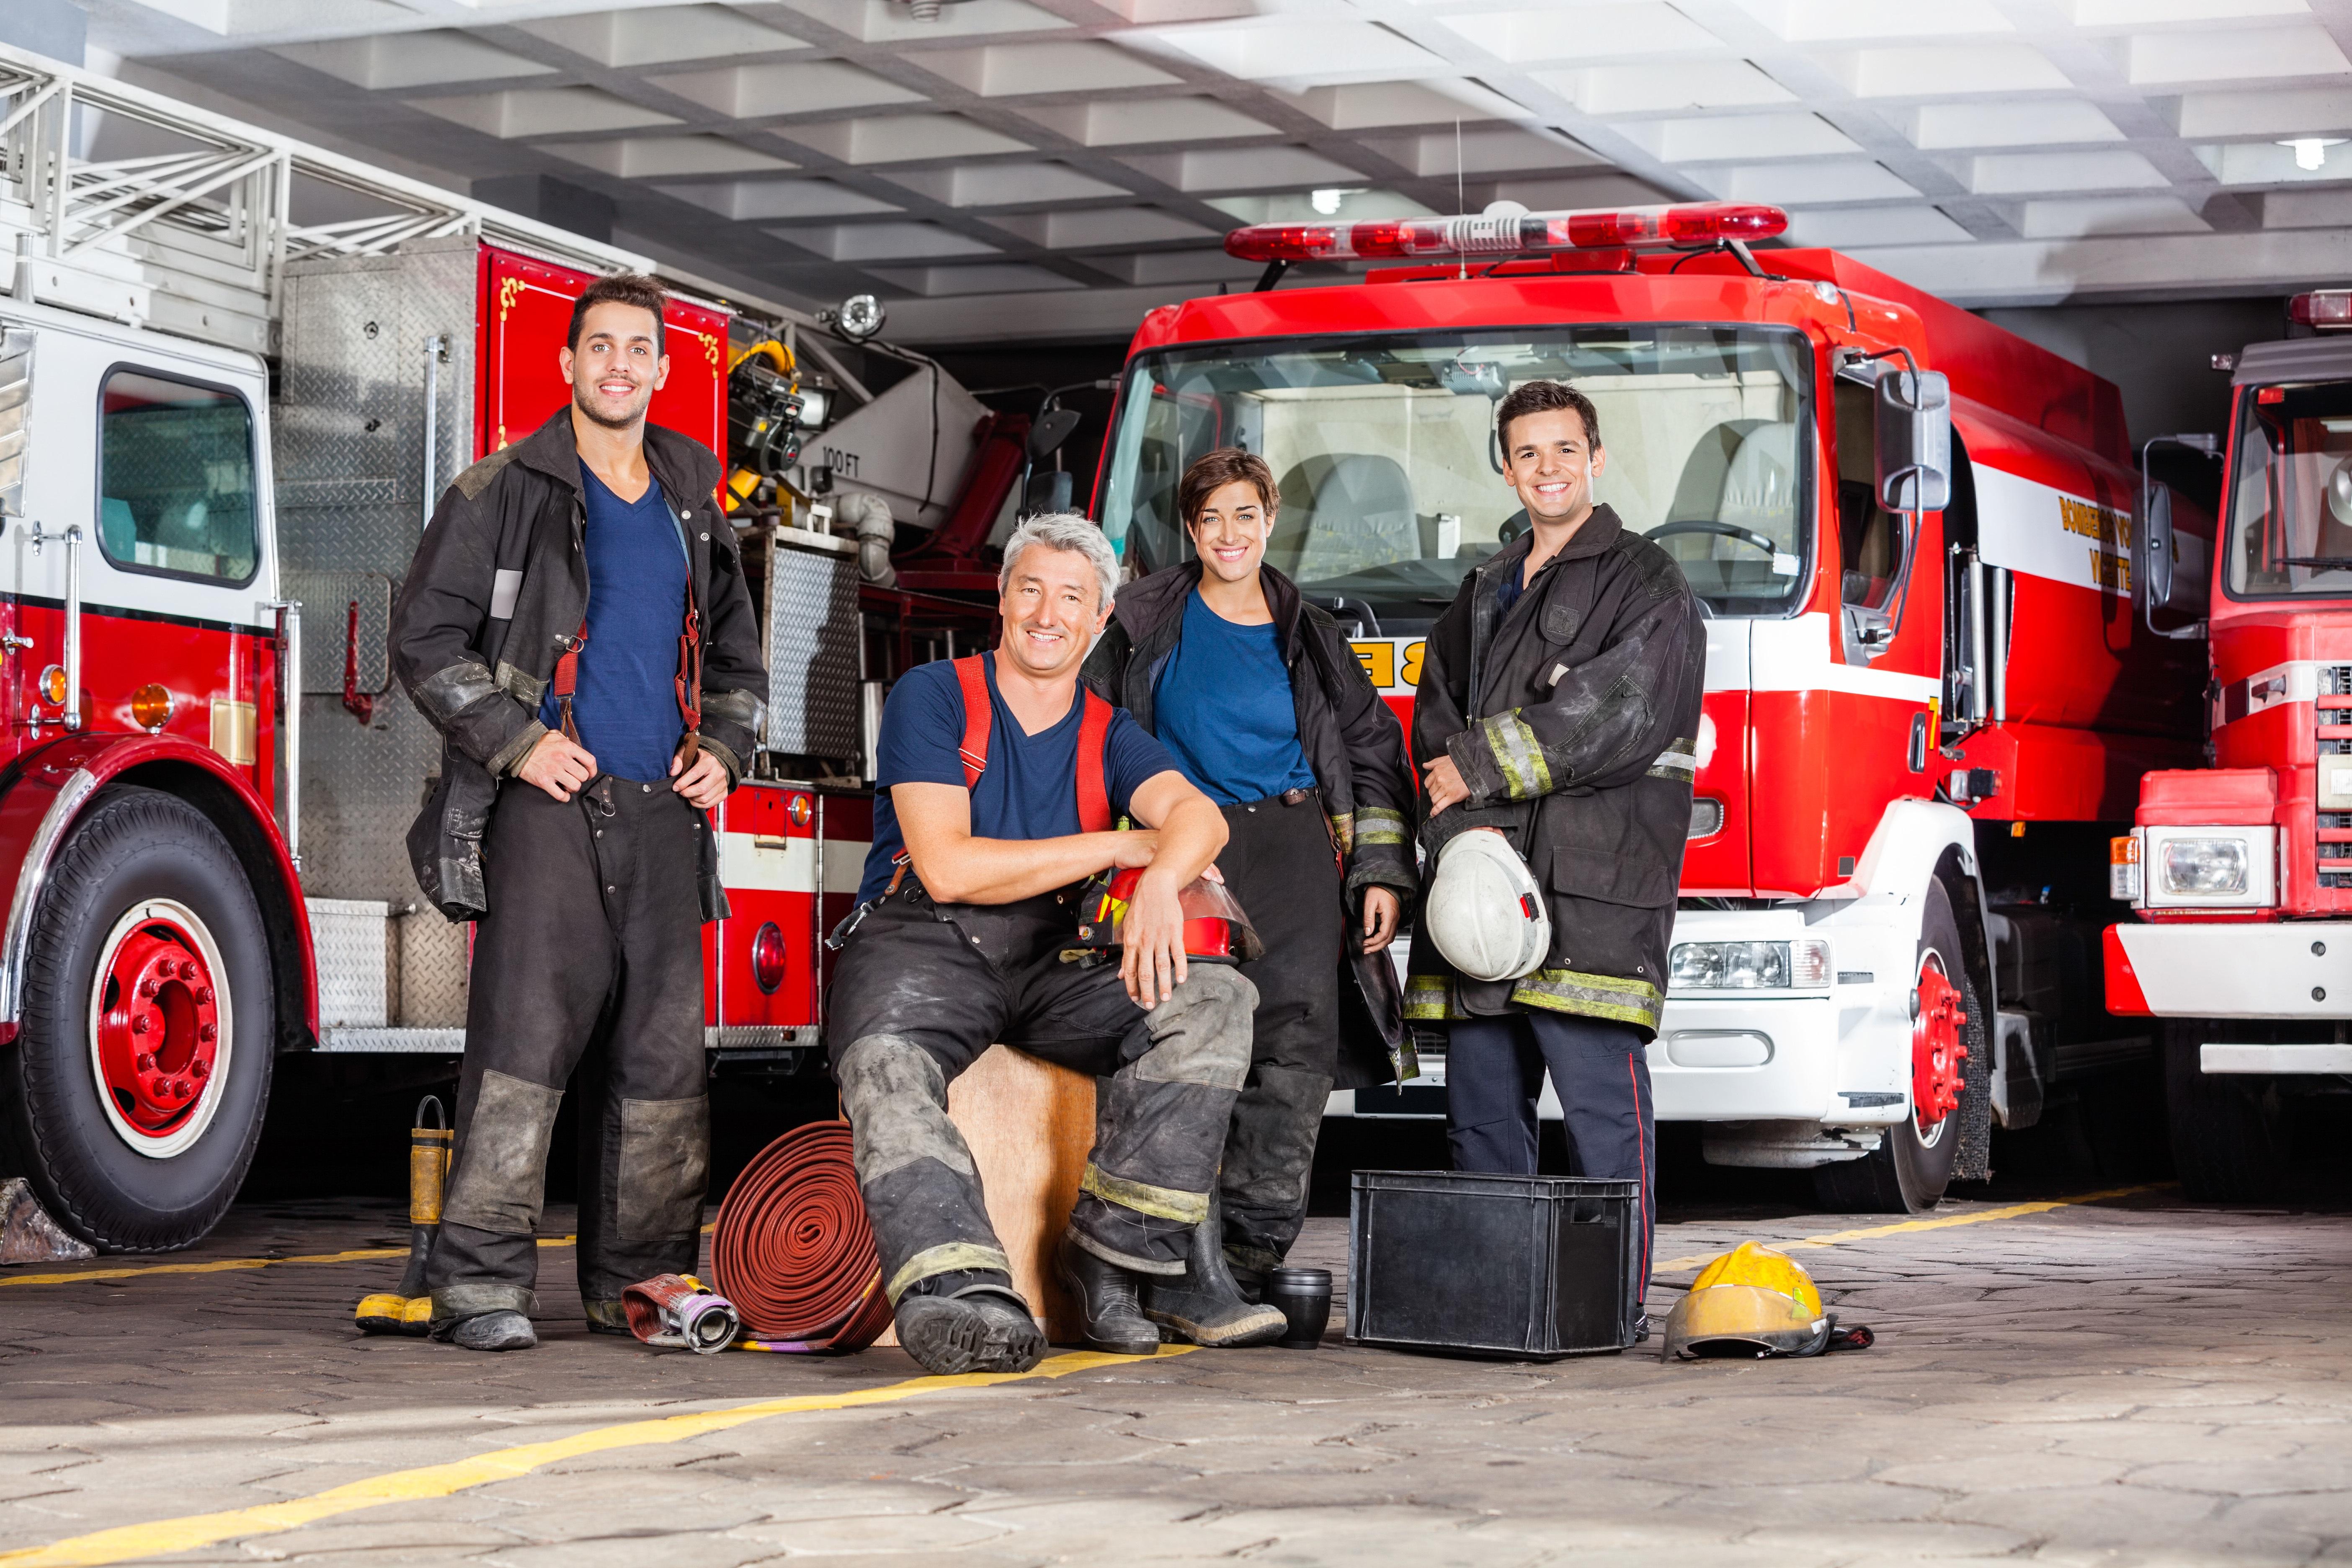 Misschien is de vrijwillige brandweer wel iets voor jou. (Foto: Adobe Stock)